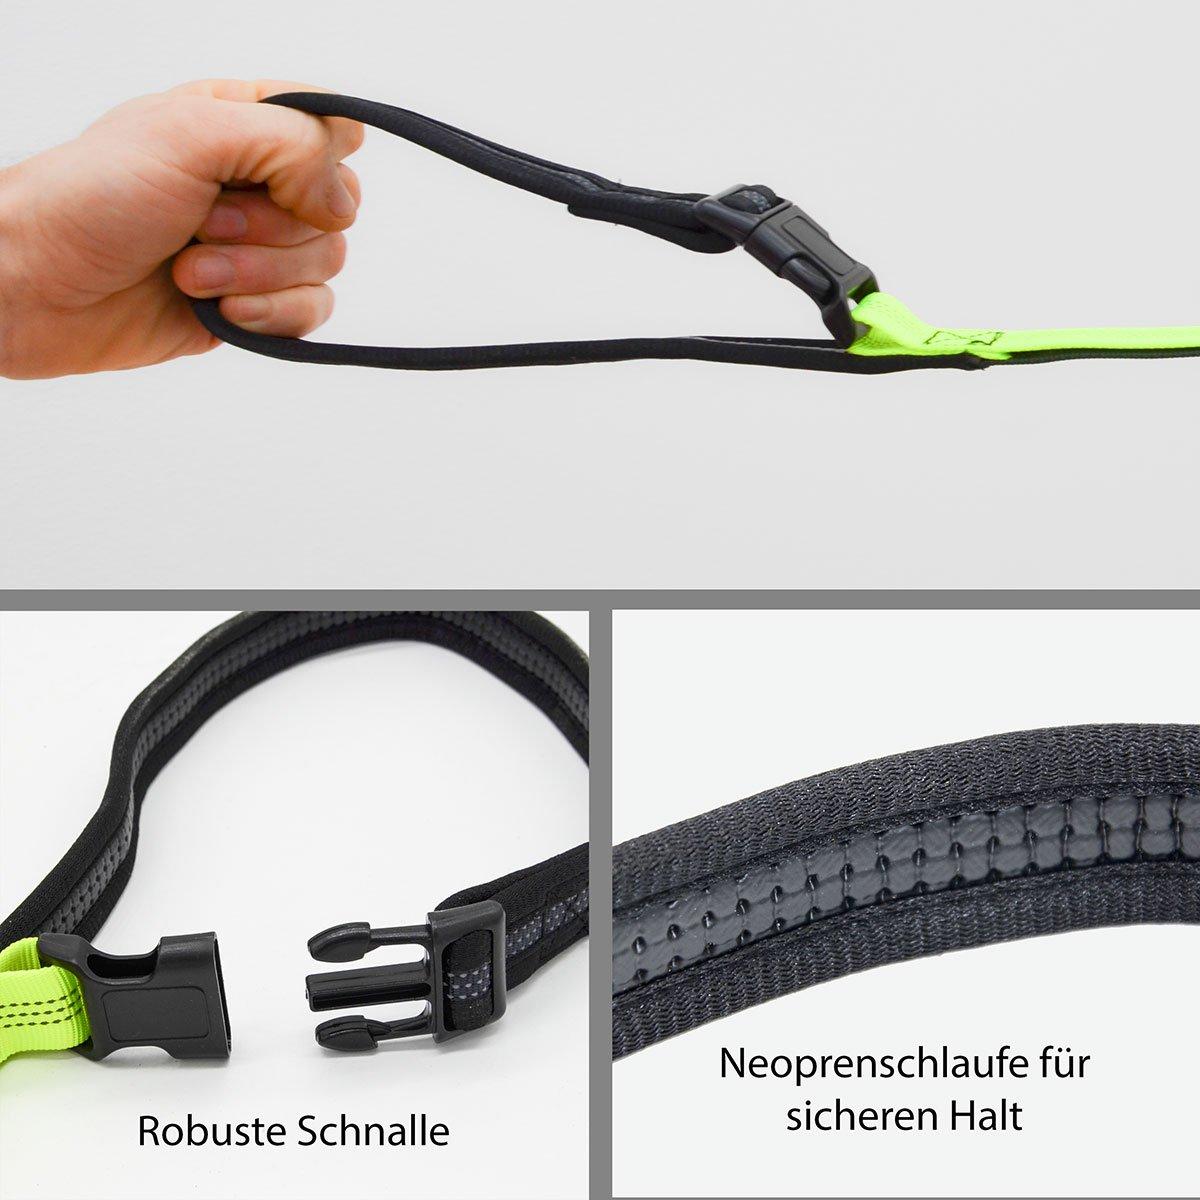 Eyepower Correa para Perro XL para Jogging 162-225 cm Correa elástica para el Vientre Reflectante Negra-Amarilla: Amazon.es: Productos para mascotas